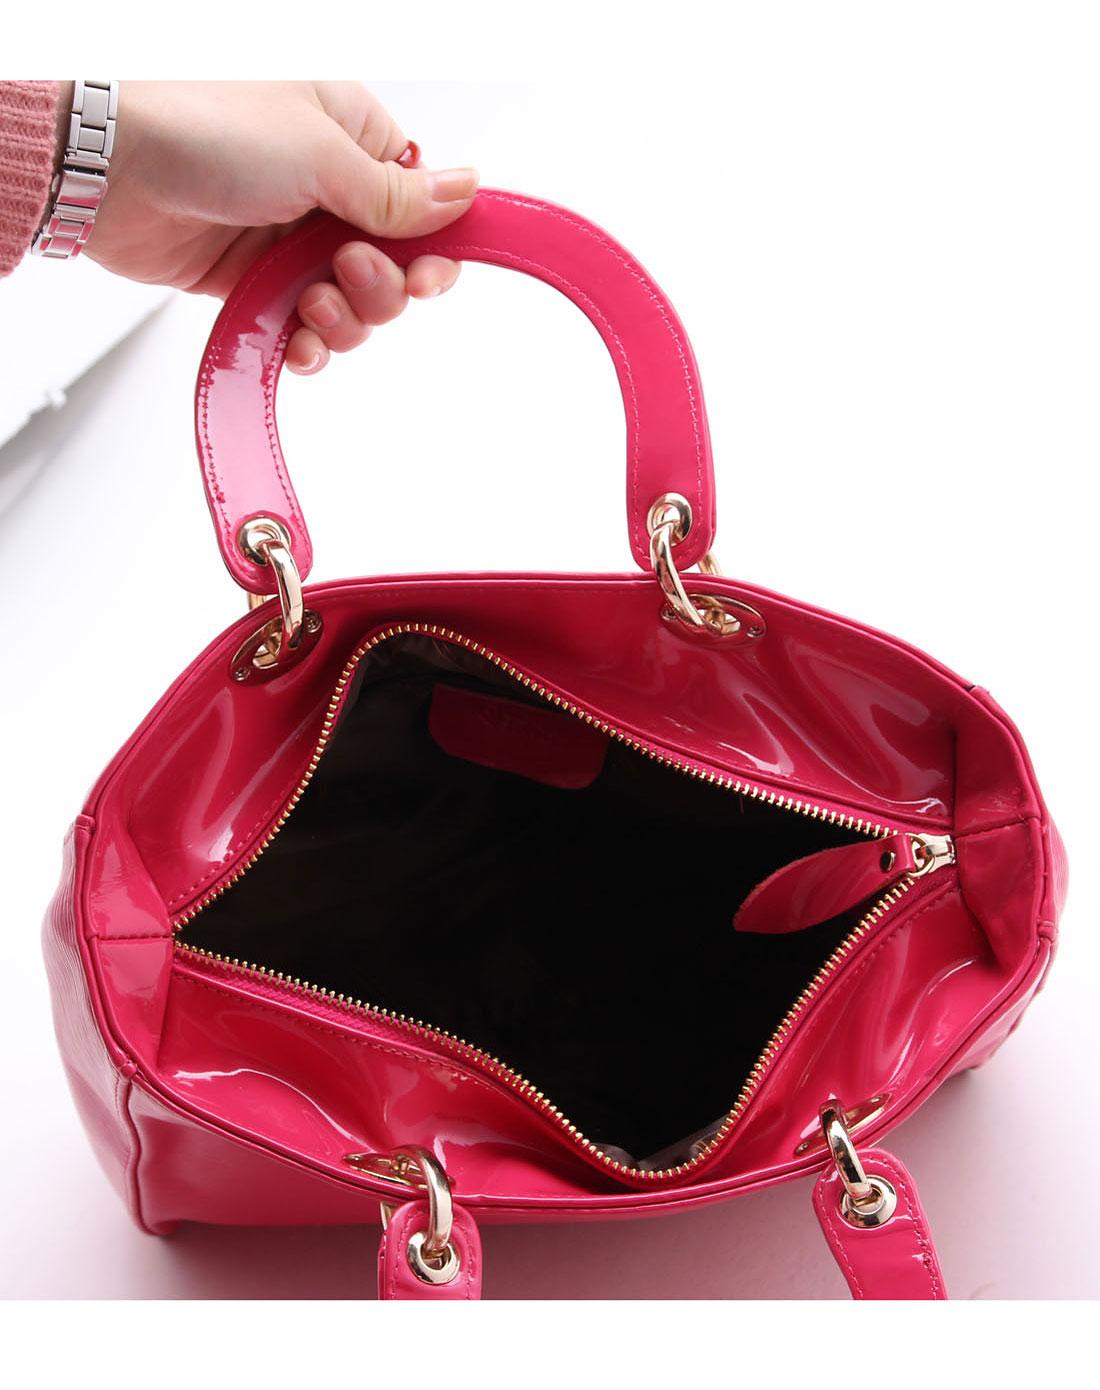 spade简约玫红色手提包q1520